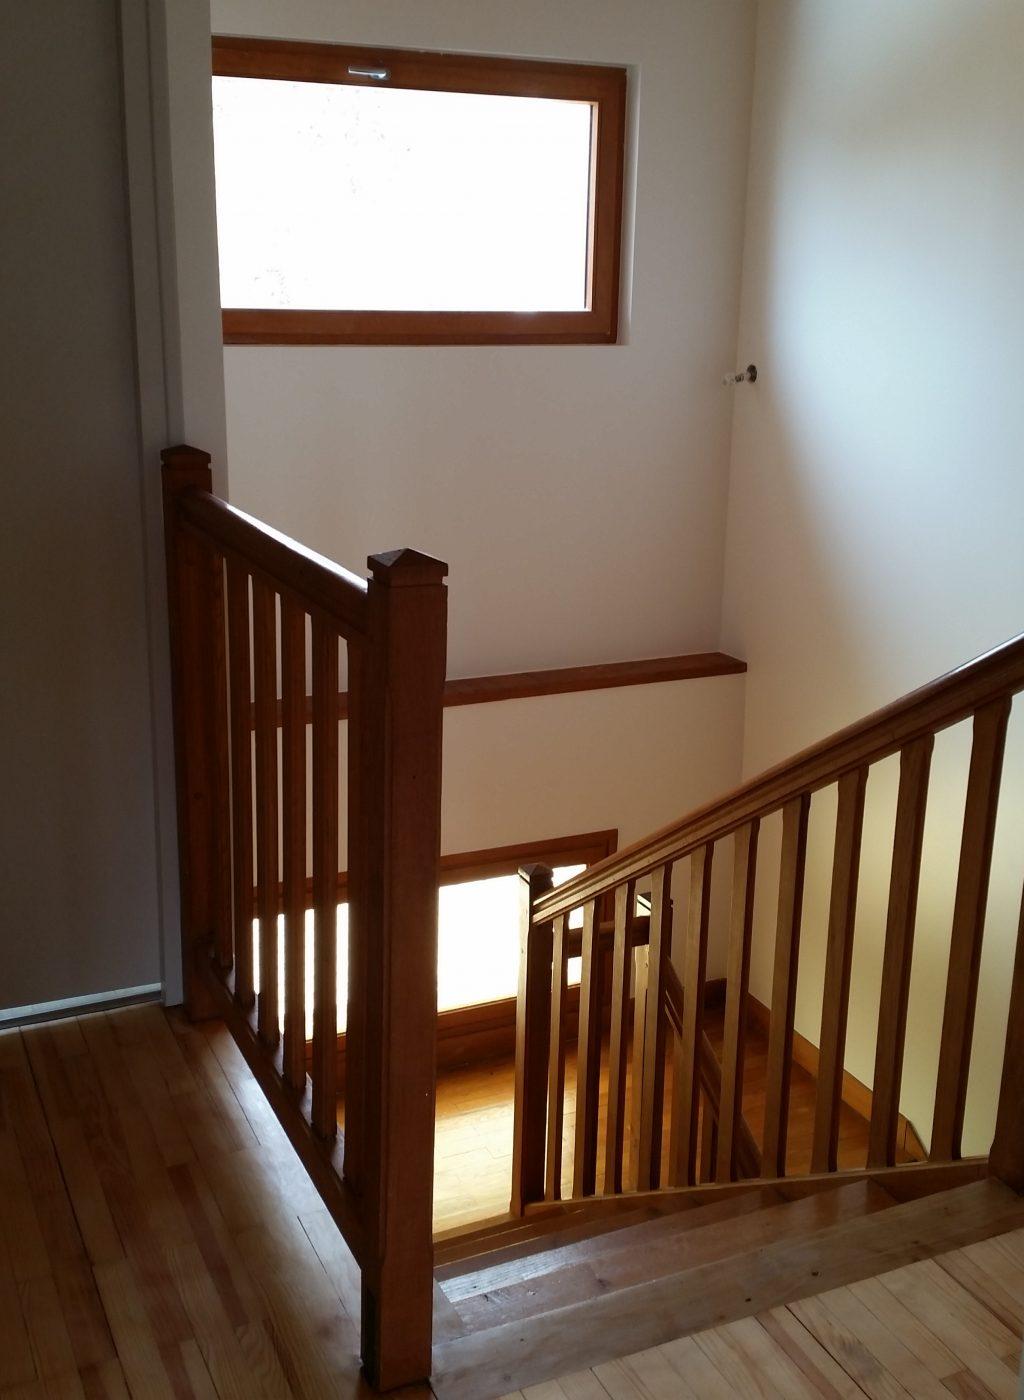 PHOTO 02 escalier 1080 x 1440